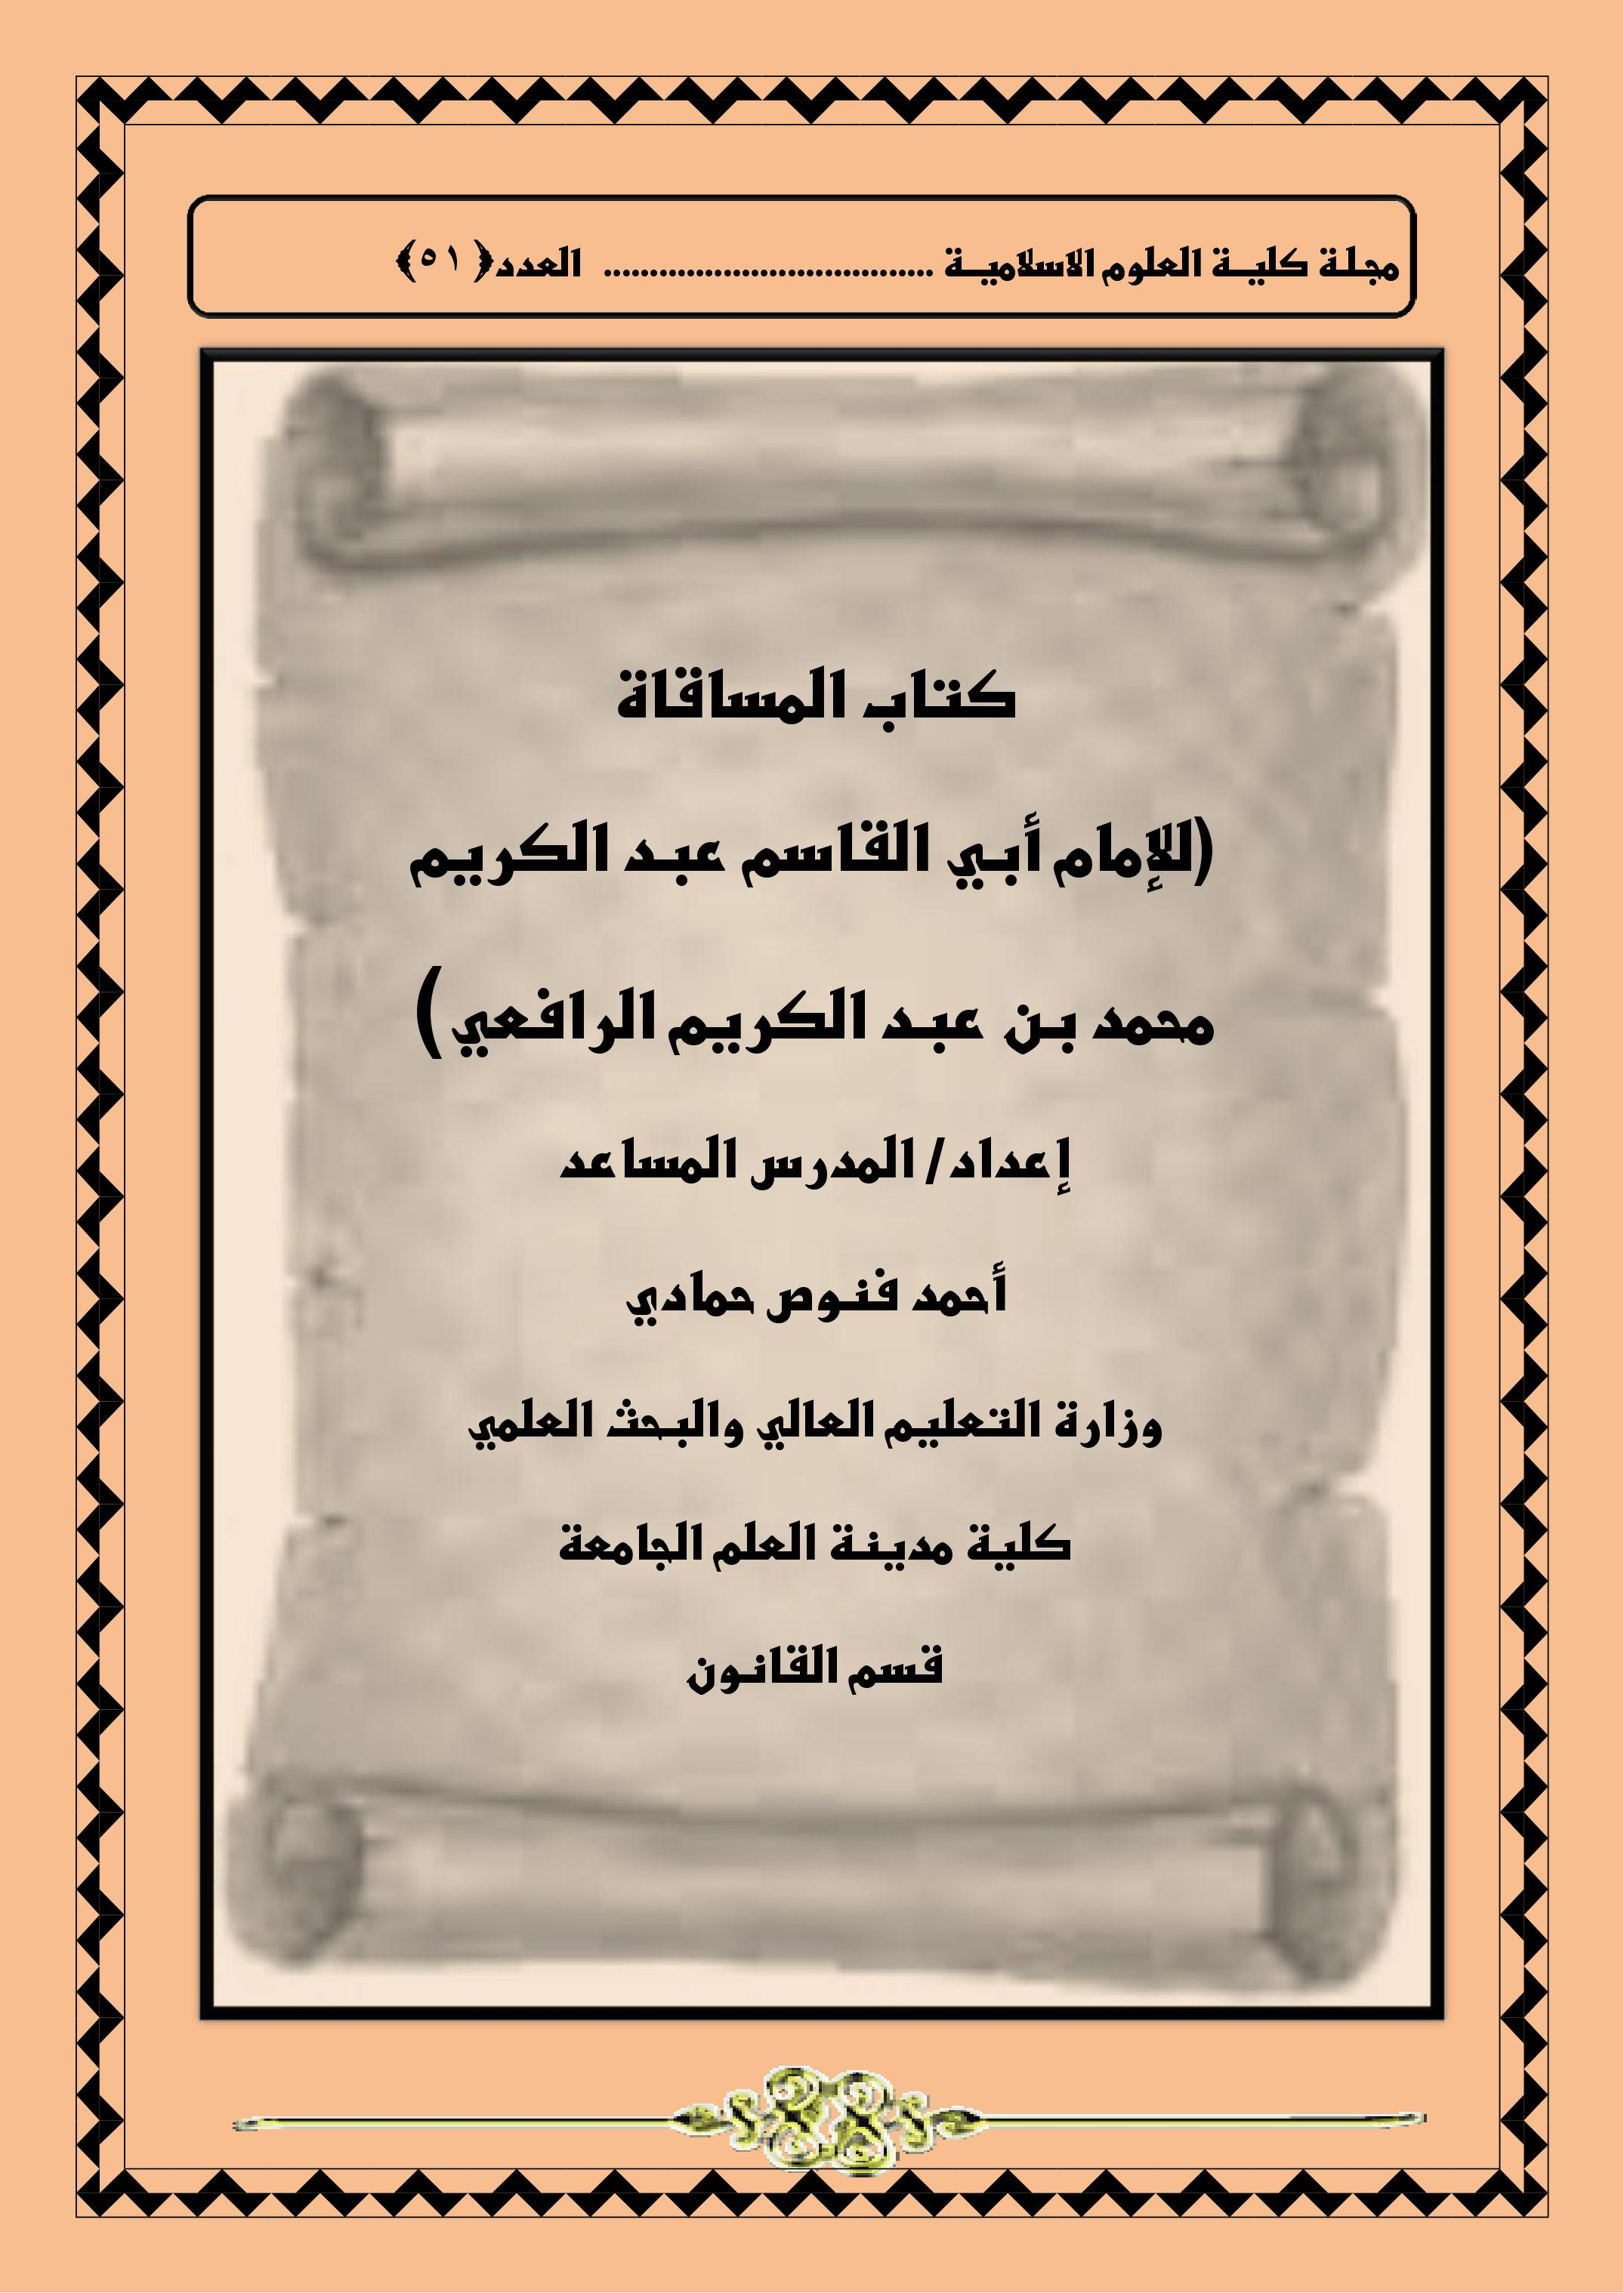 كتاب المساقاة )للإمام أبي القاسم عبد الكريم محمد بن عبد الكريم الرافعي)